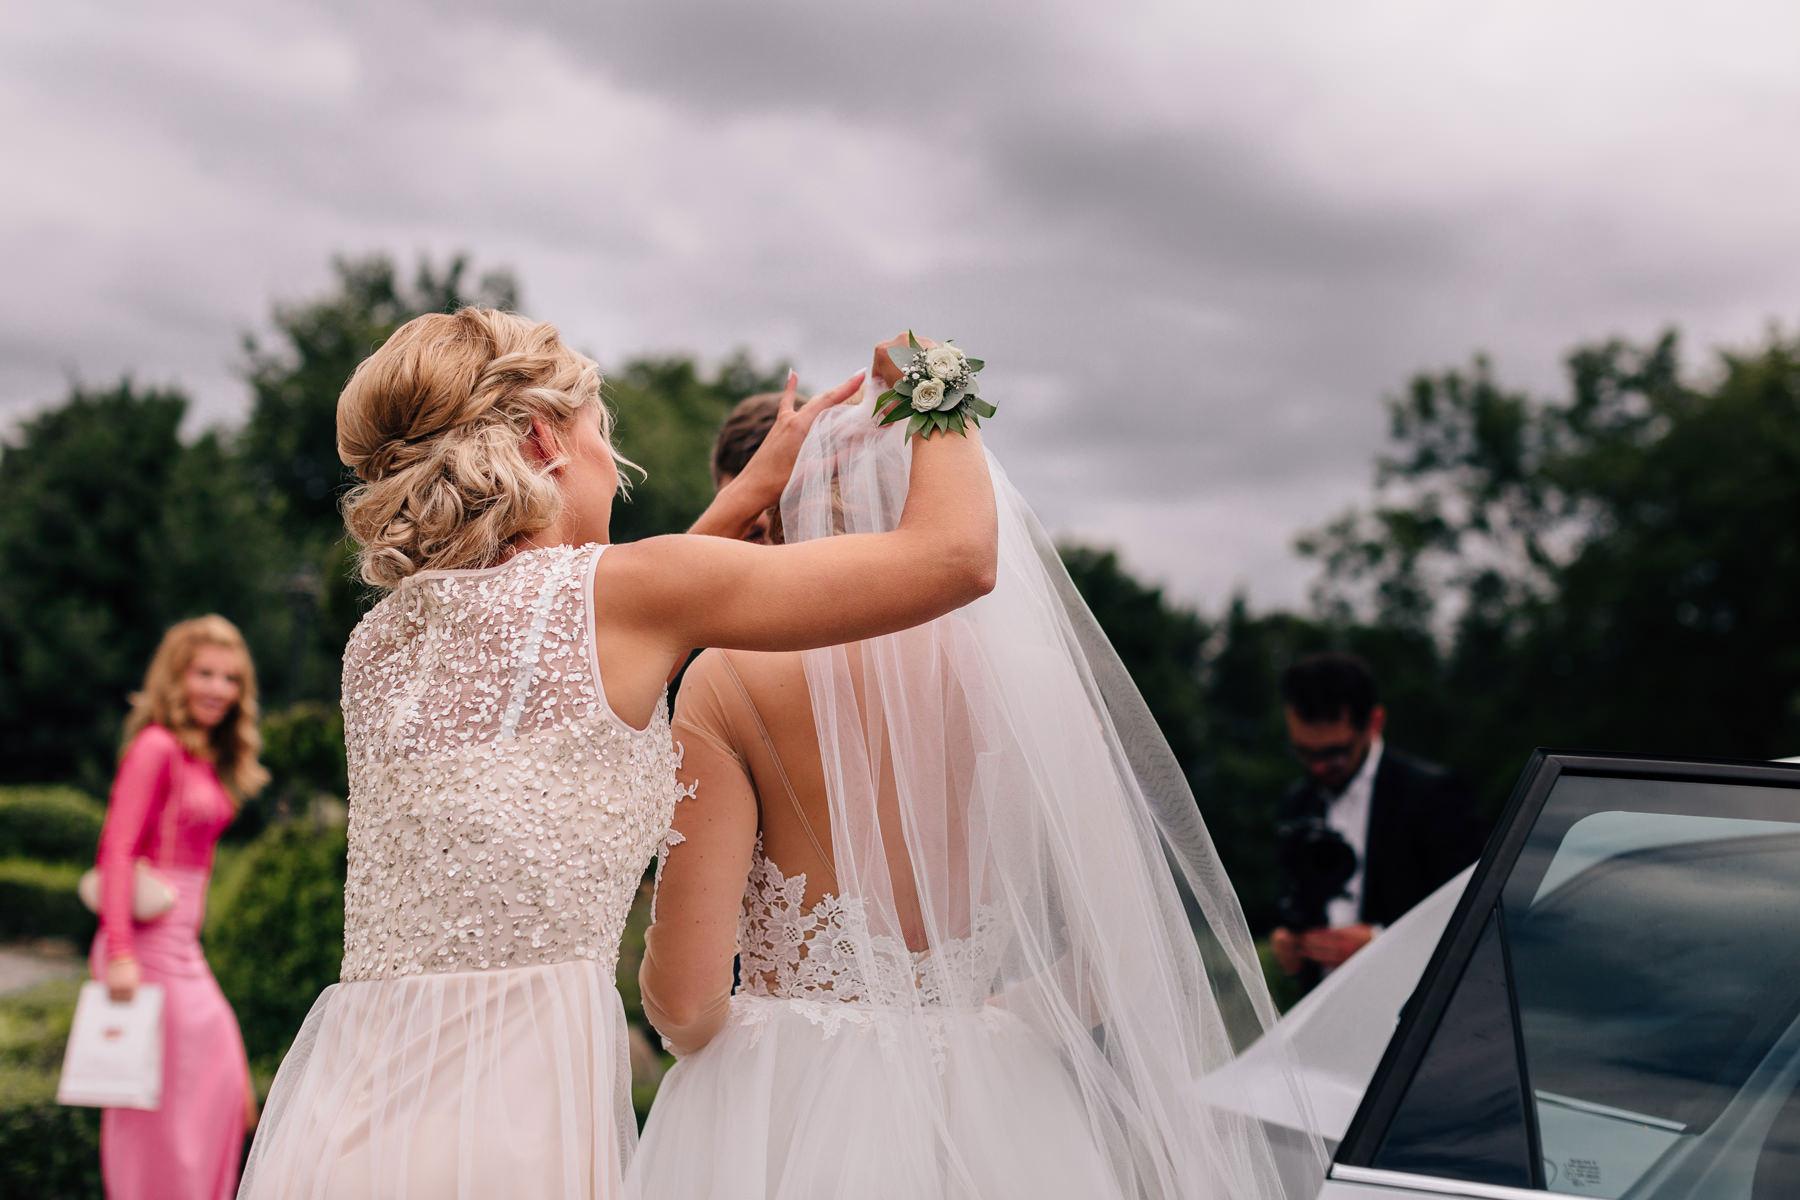 po ceremonii ślubnej, ceremonia ślubu porady